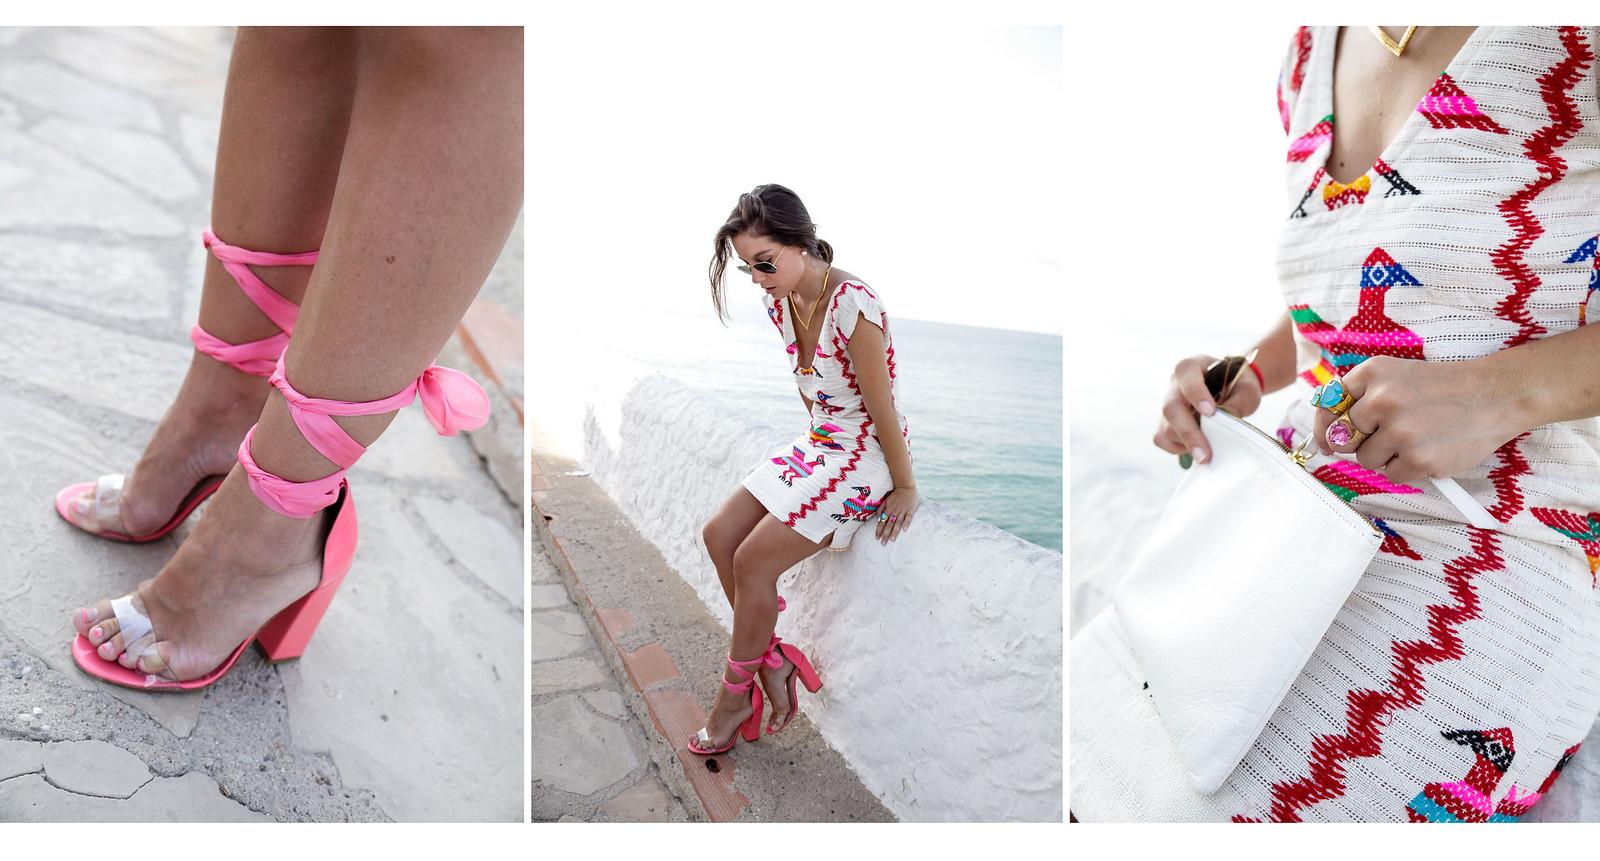 vestido boho sexy con tacones rosas theguestgirl sandalias rosas de verano con lazada de seda aloha blogger